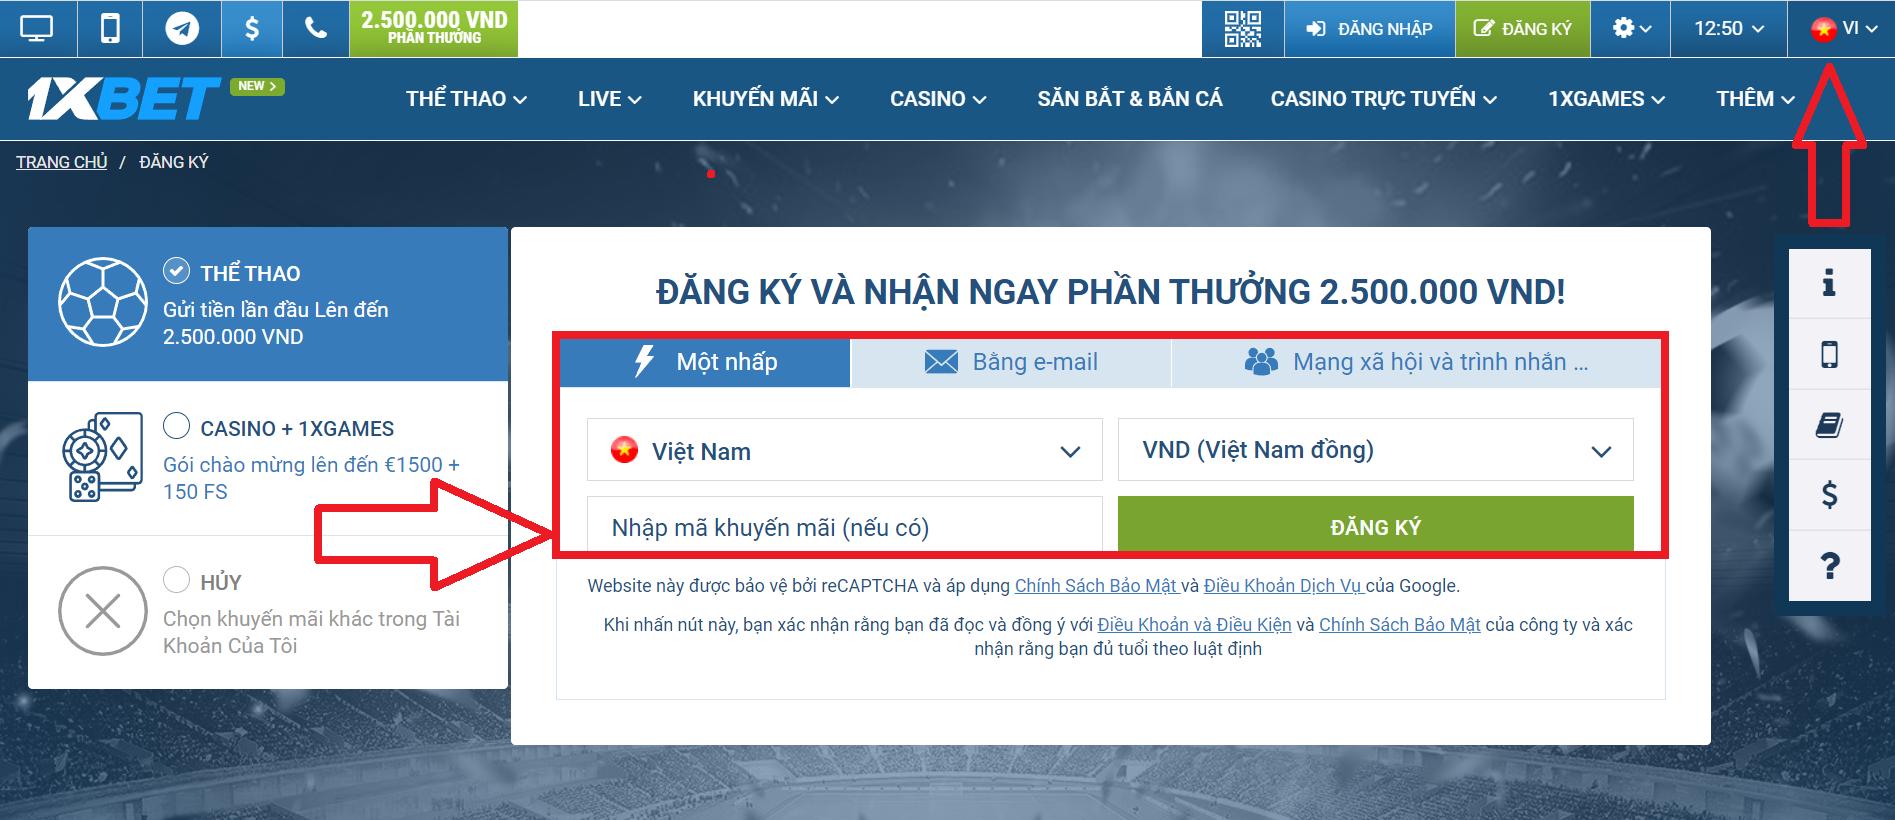 Đăng ký Tài khoản tại 1xBet Việt Nam như thế nào?